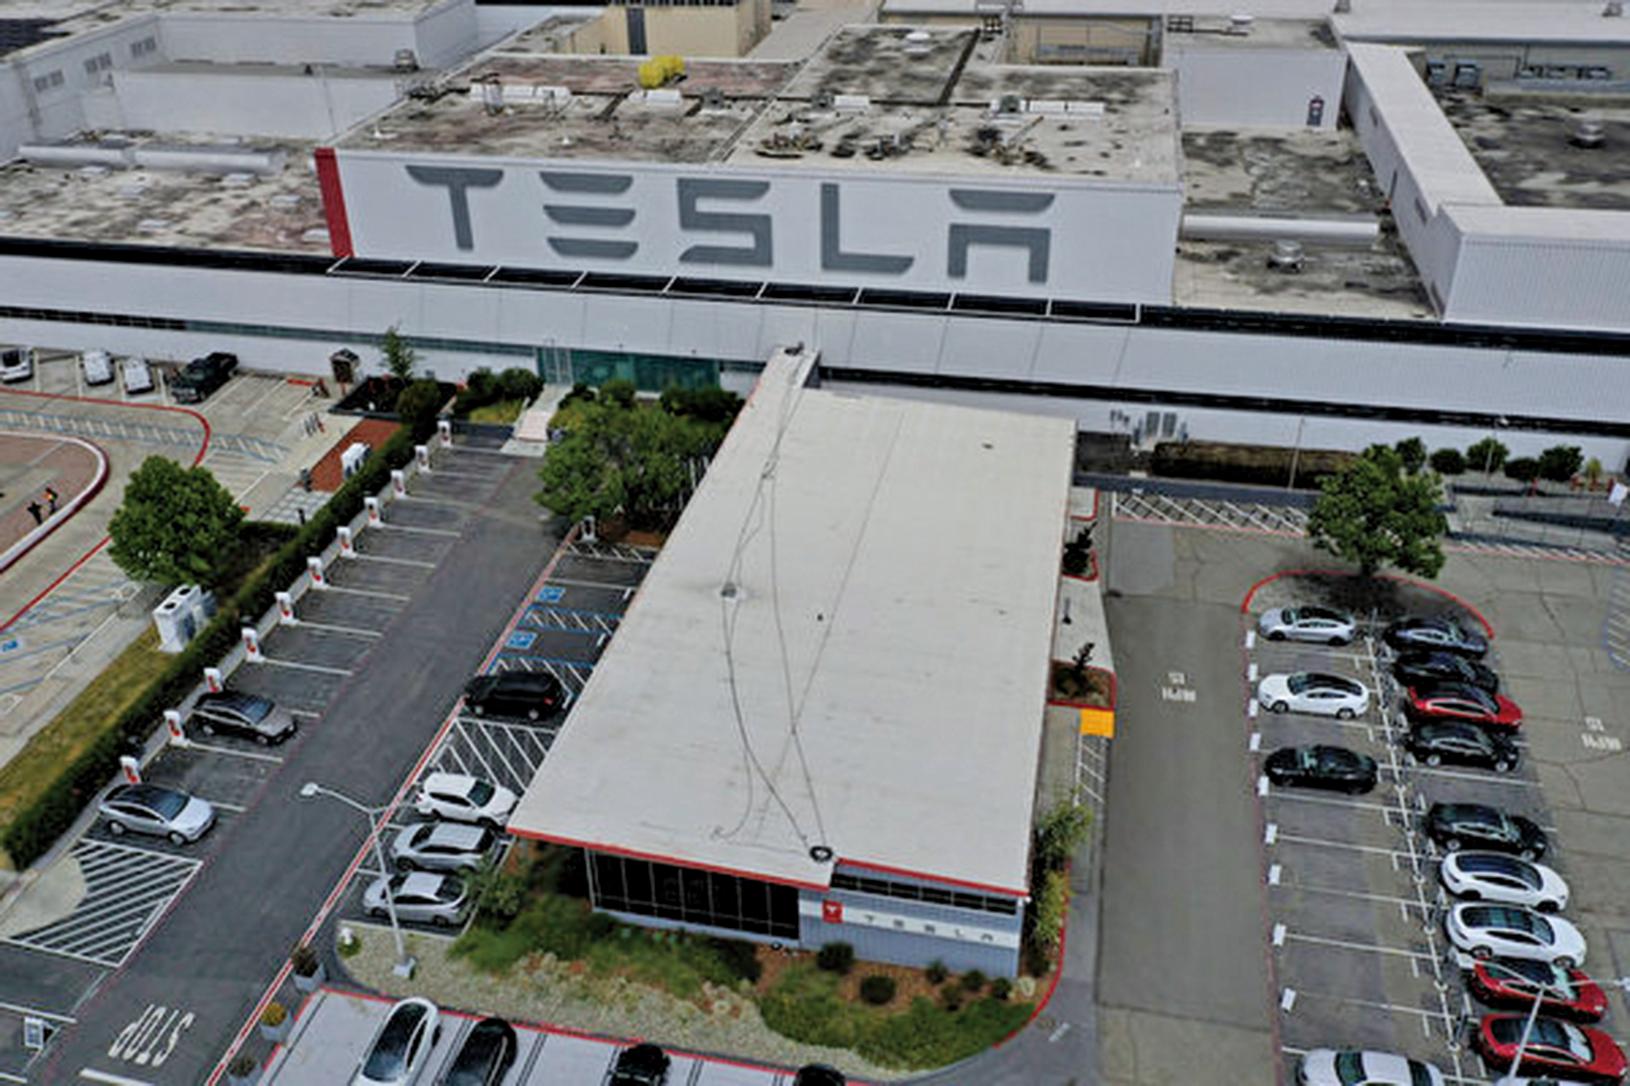 圖為2020年5月12日,特斯拉加利福尼亞州弗里蒙特工廠的鳥瞰圖。 (Photo by JUSTIN SULLIVAN / GETTY IMAGES NORTH AMERICA / AFP)